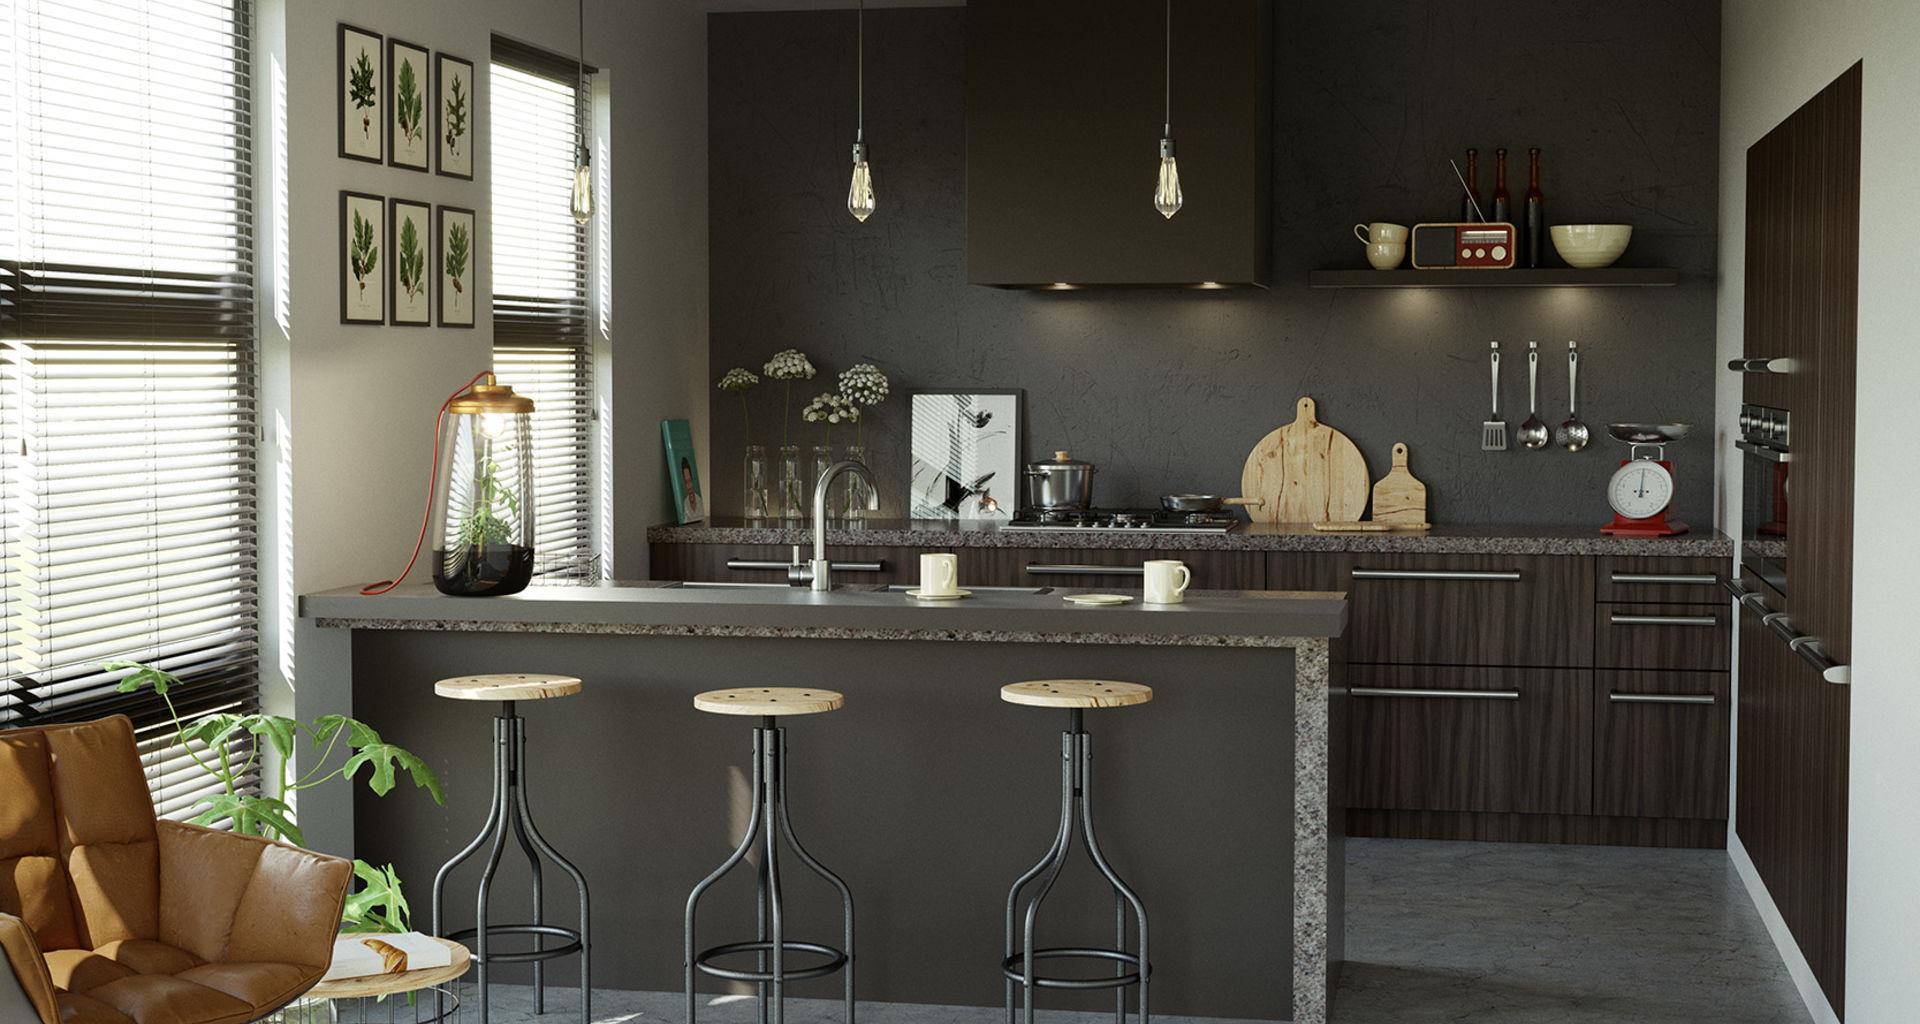 Keuken Kosten Berekenen : De beste tips voor een goedkope keuken tulp keukens